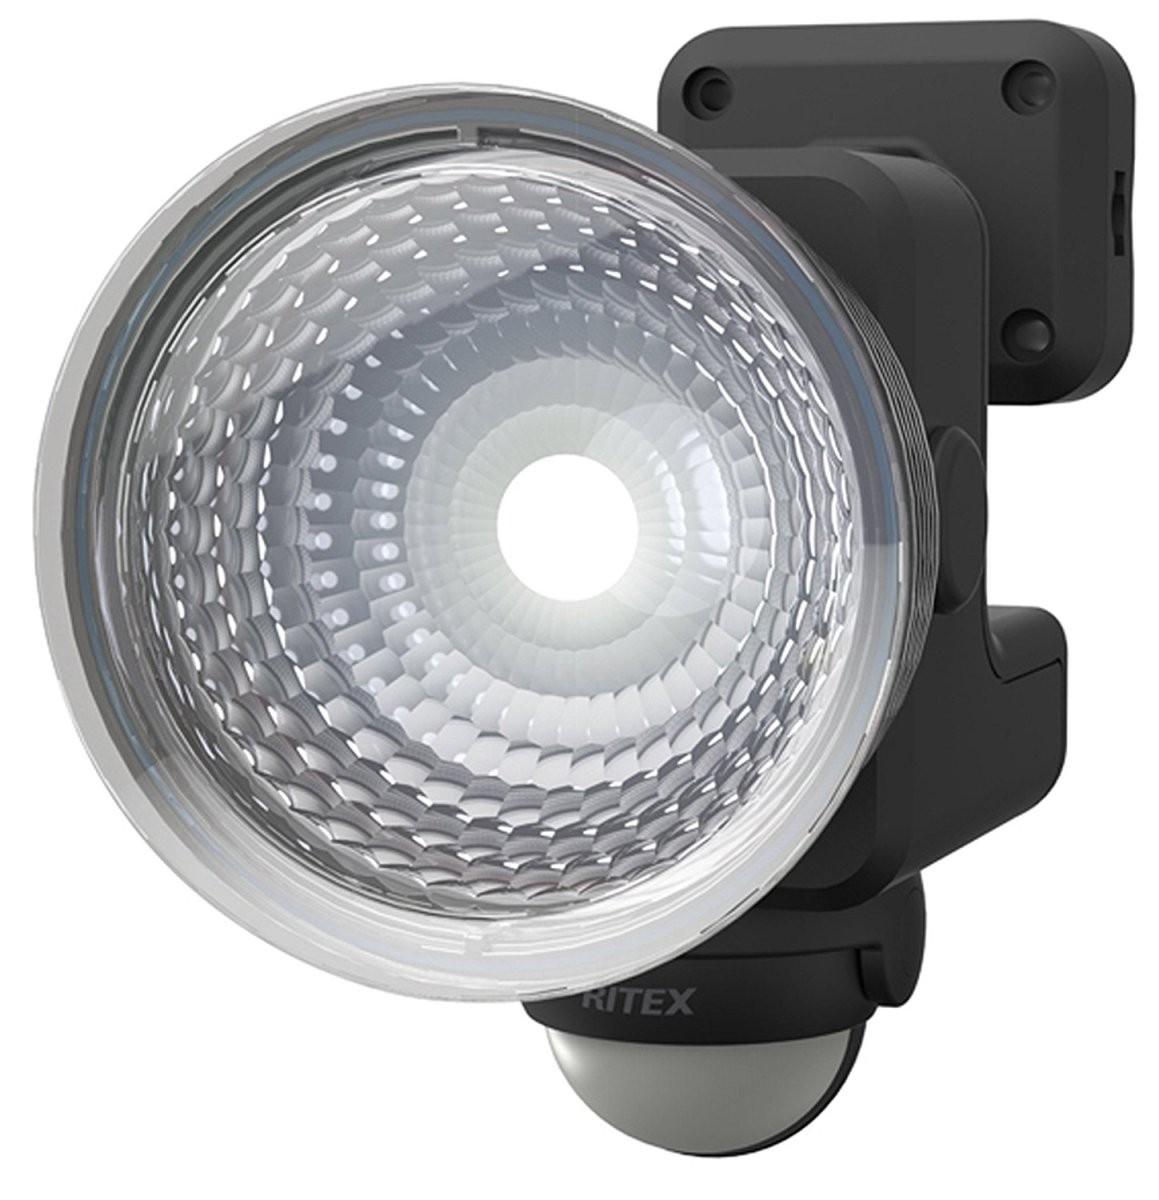 北海道 超人気 沖縄 お届け不可 ムサシ RITEX LED-115 1.3W×1灯 フリーアーム式LEDセンサーライト 防雨型 卸売り 乾電池式